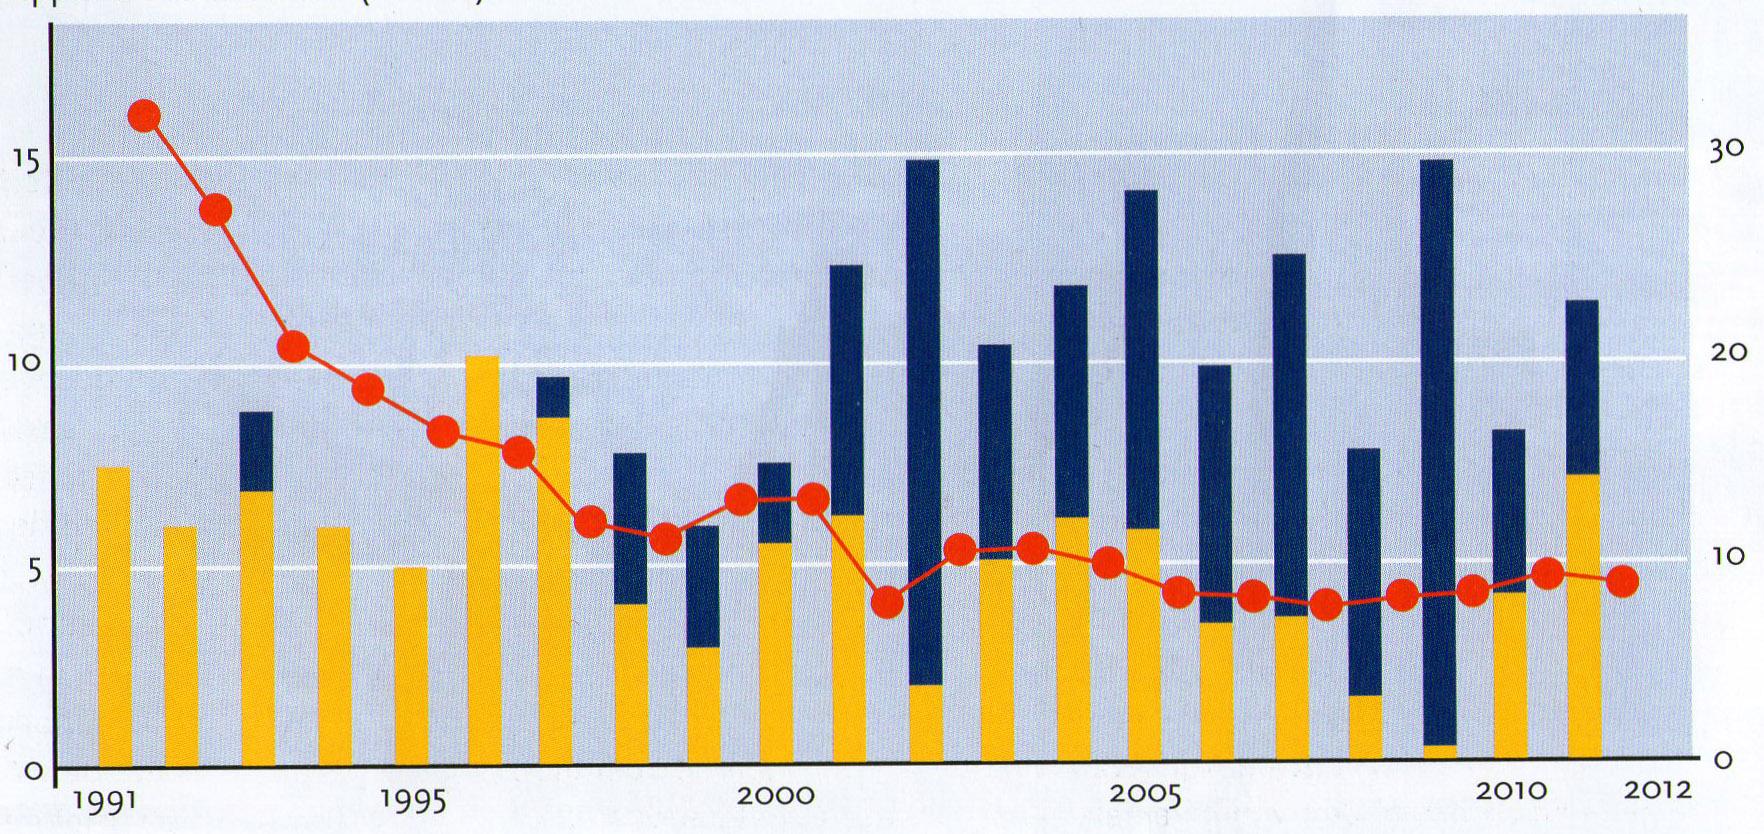 ...terwijl juist in 2006-periode de voeroeversuppleties verder in volume toenamen, waarvoor het Riacon-onderzoek in 1997 de schadelijke effecten op schelpdierfauna onderschreef